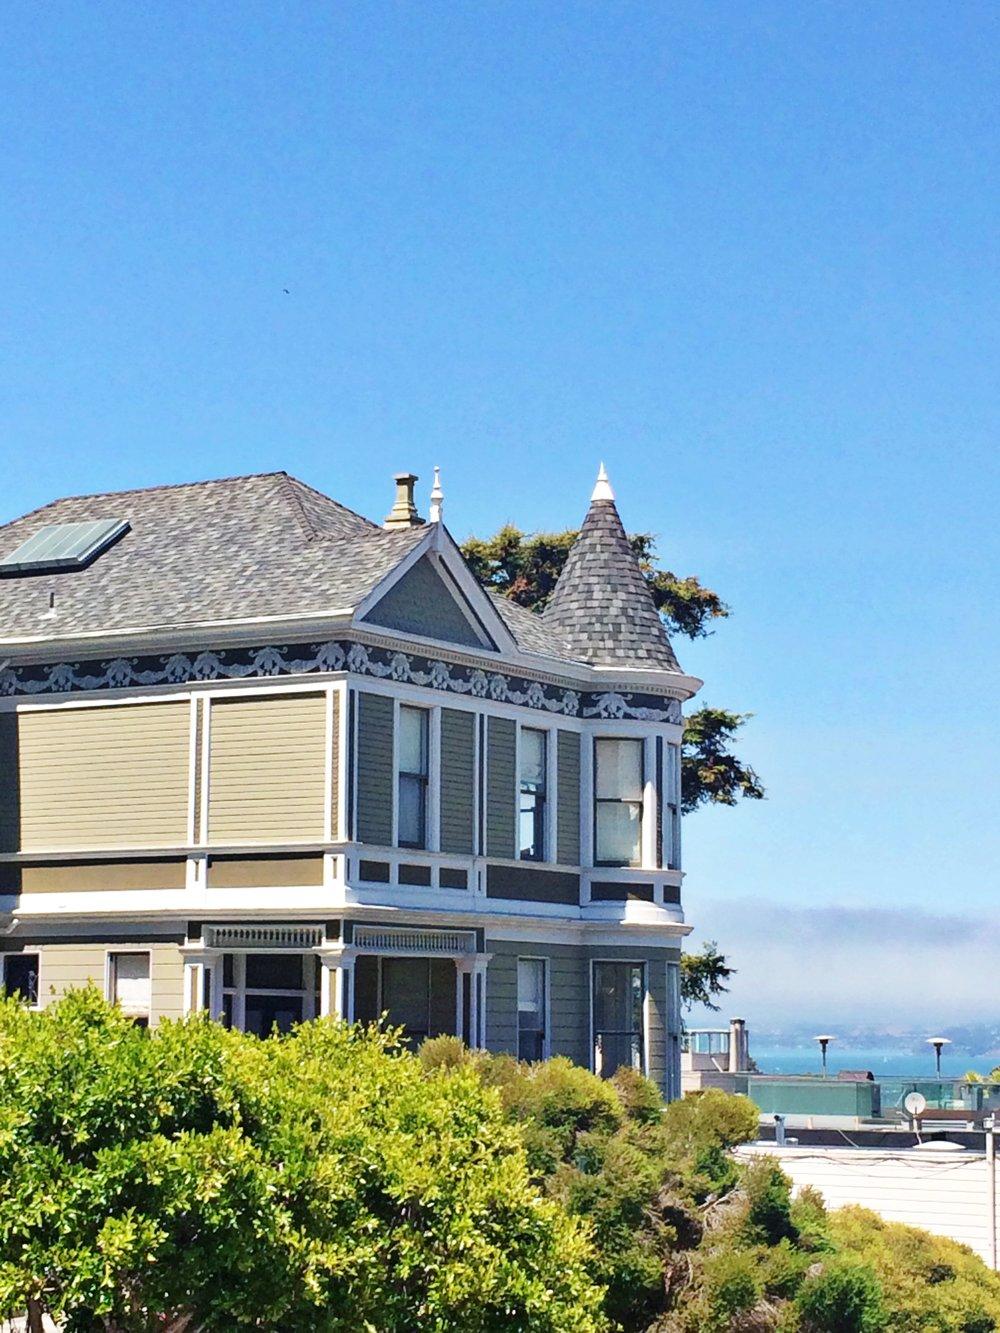 san francisco telegraph hill house views